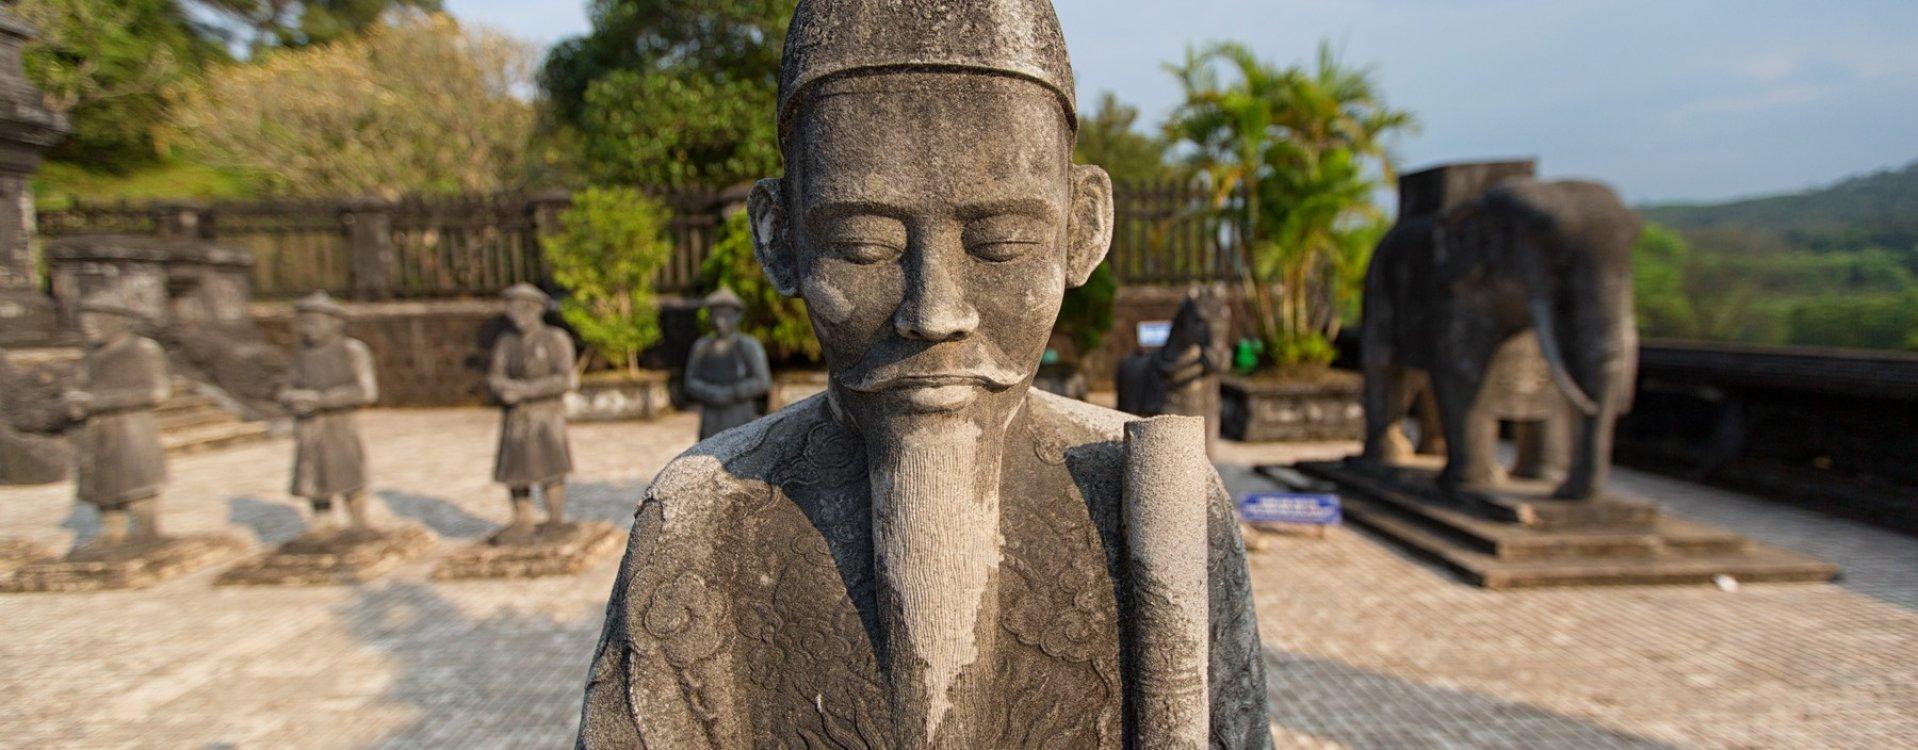 Khai Dinh graftombe in Hué